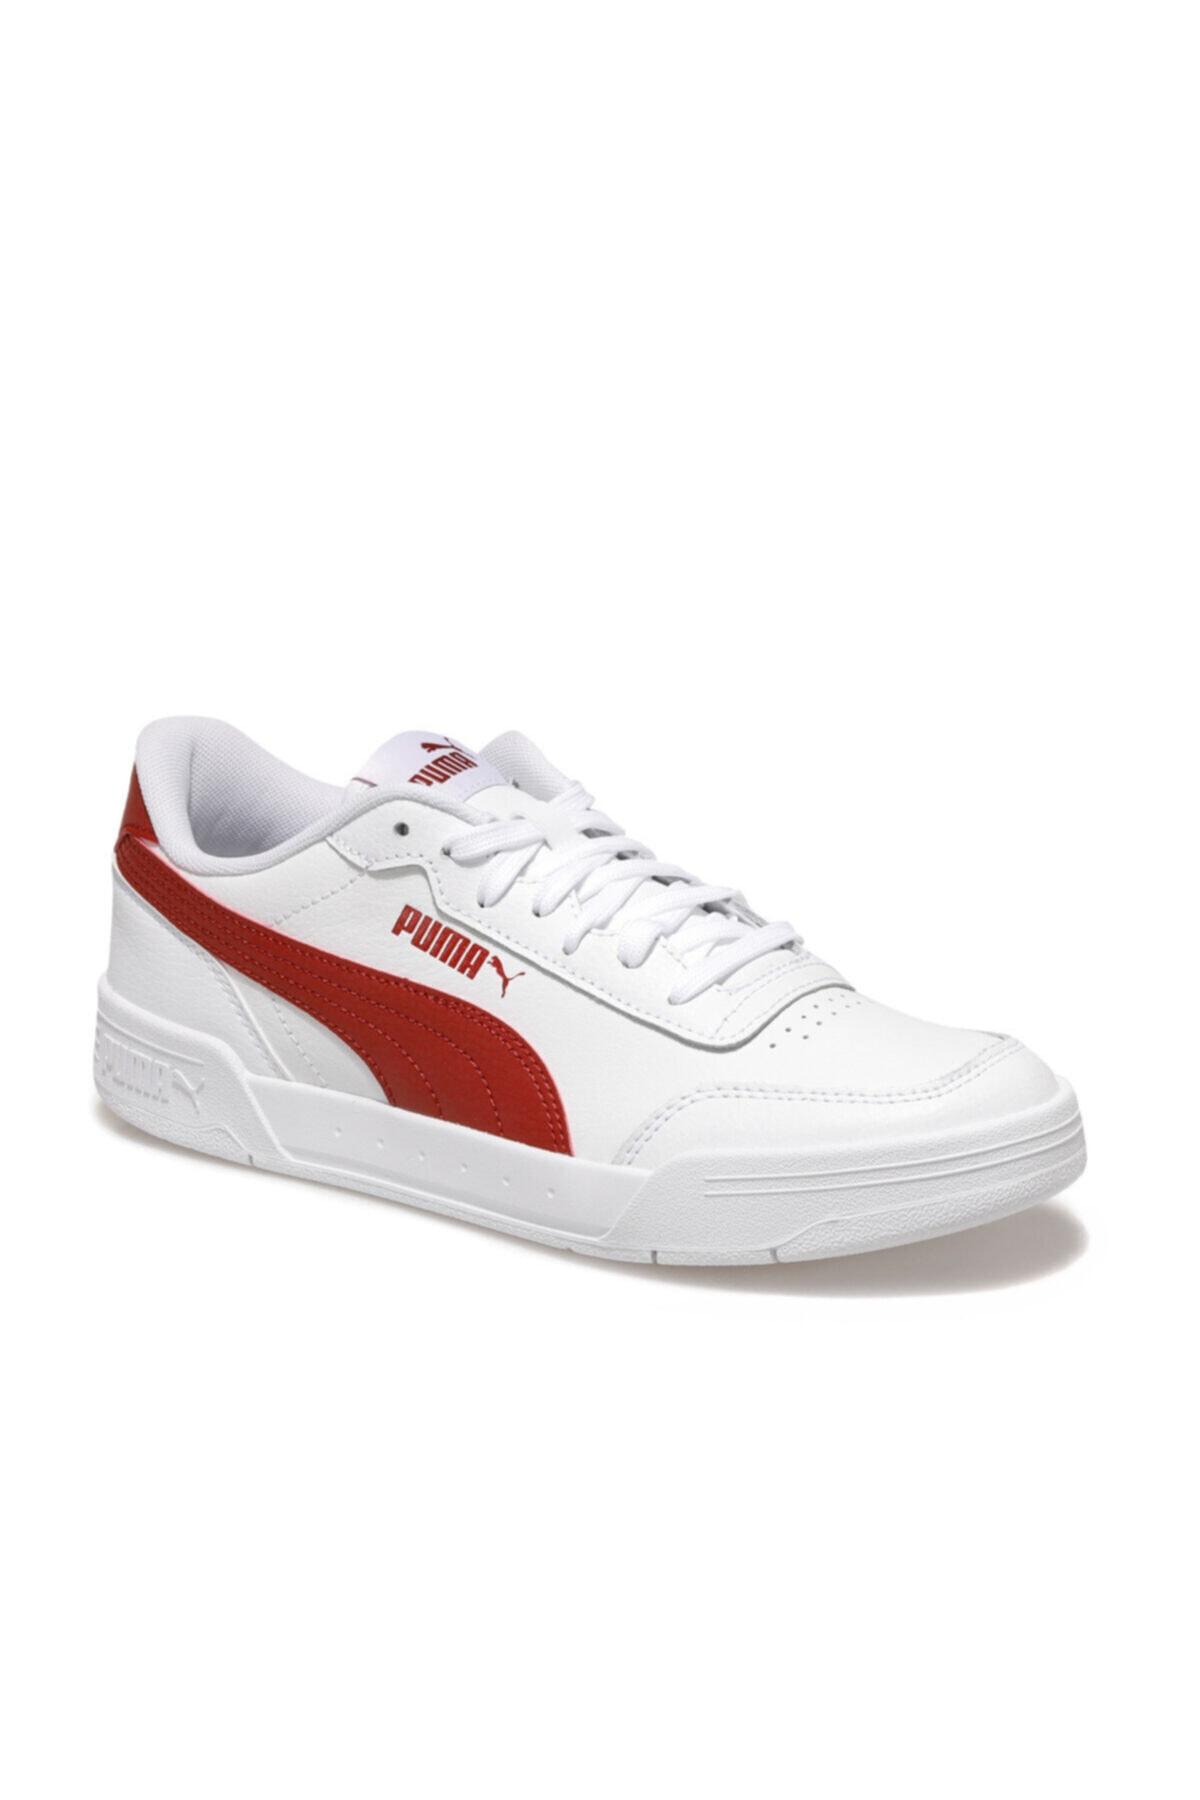 Puma CARACAL Beyaz Erkek Sneaker Ayakkabı 100640965 1